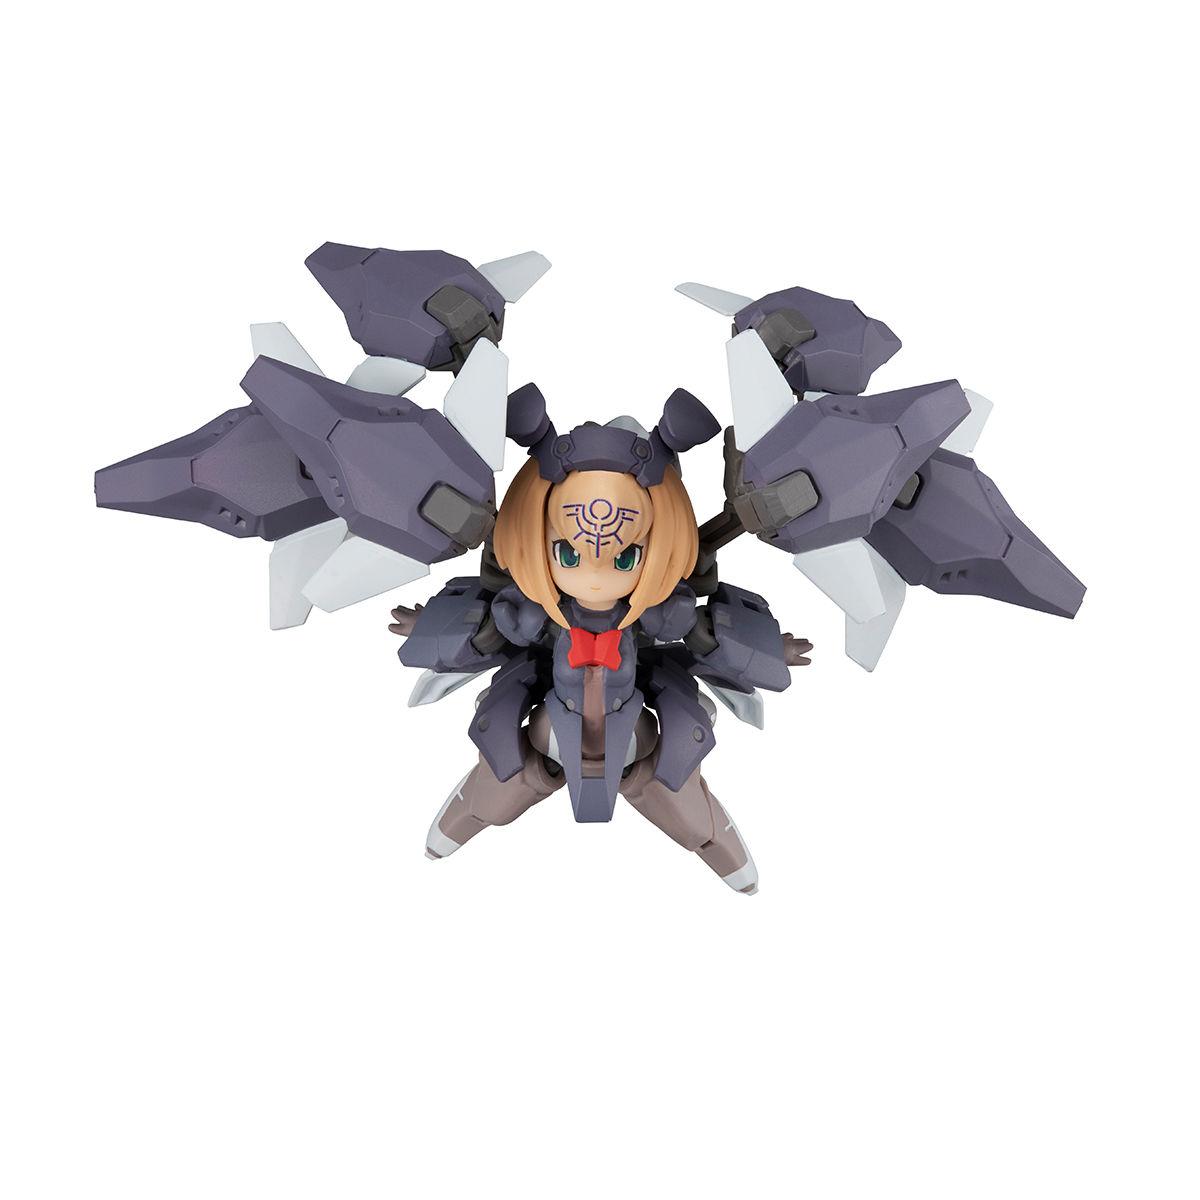 【限定販売】デスクトップアーミー『F-666d ヴァルカシリーズ (フレア ドラグーン鹵獲仕様)』可動フィギュア-008